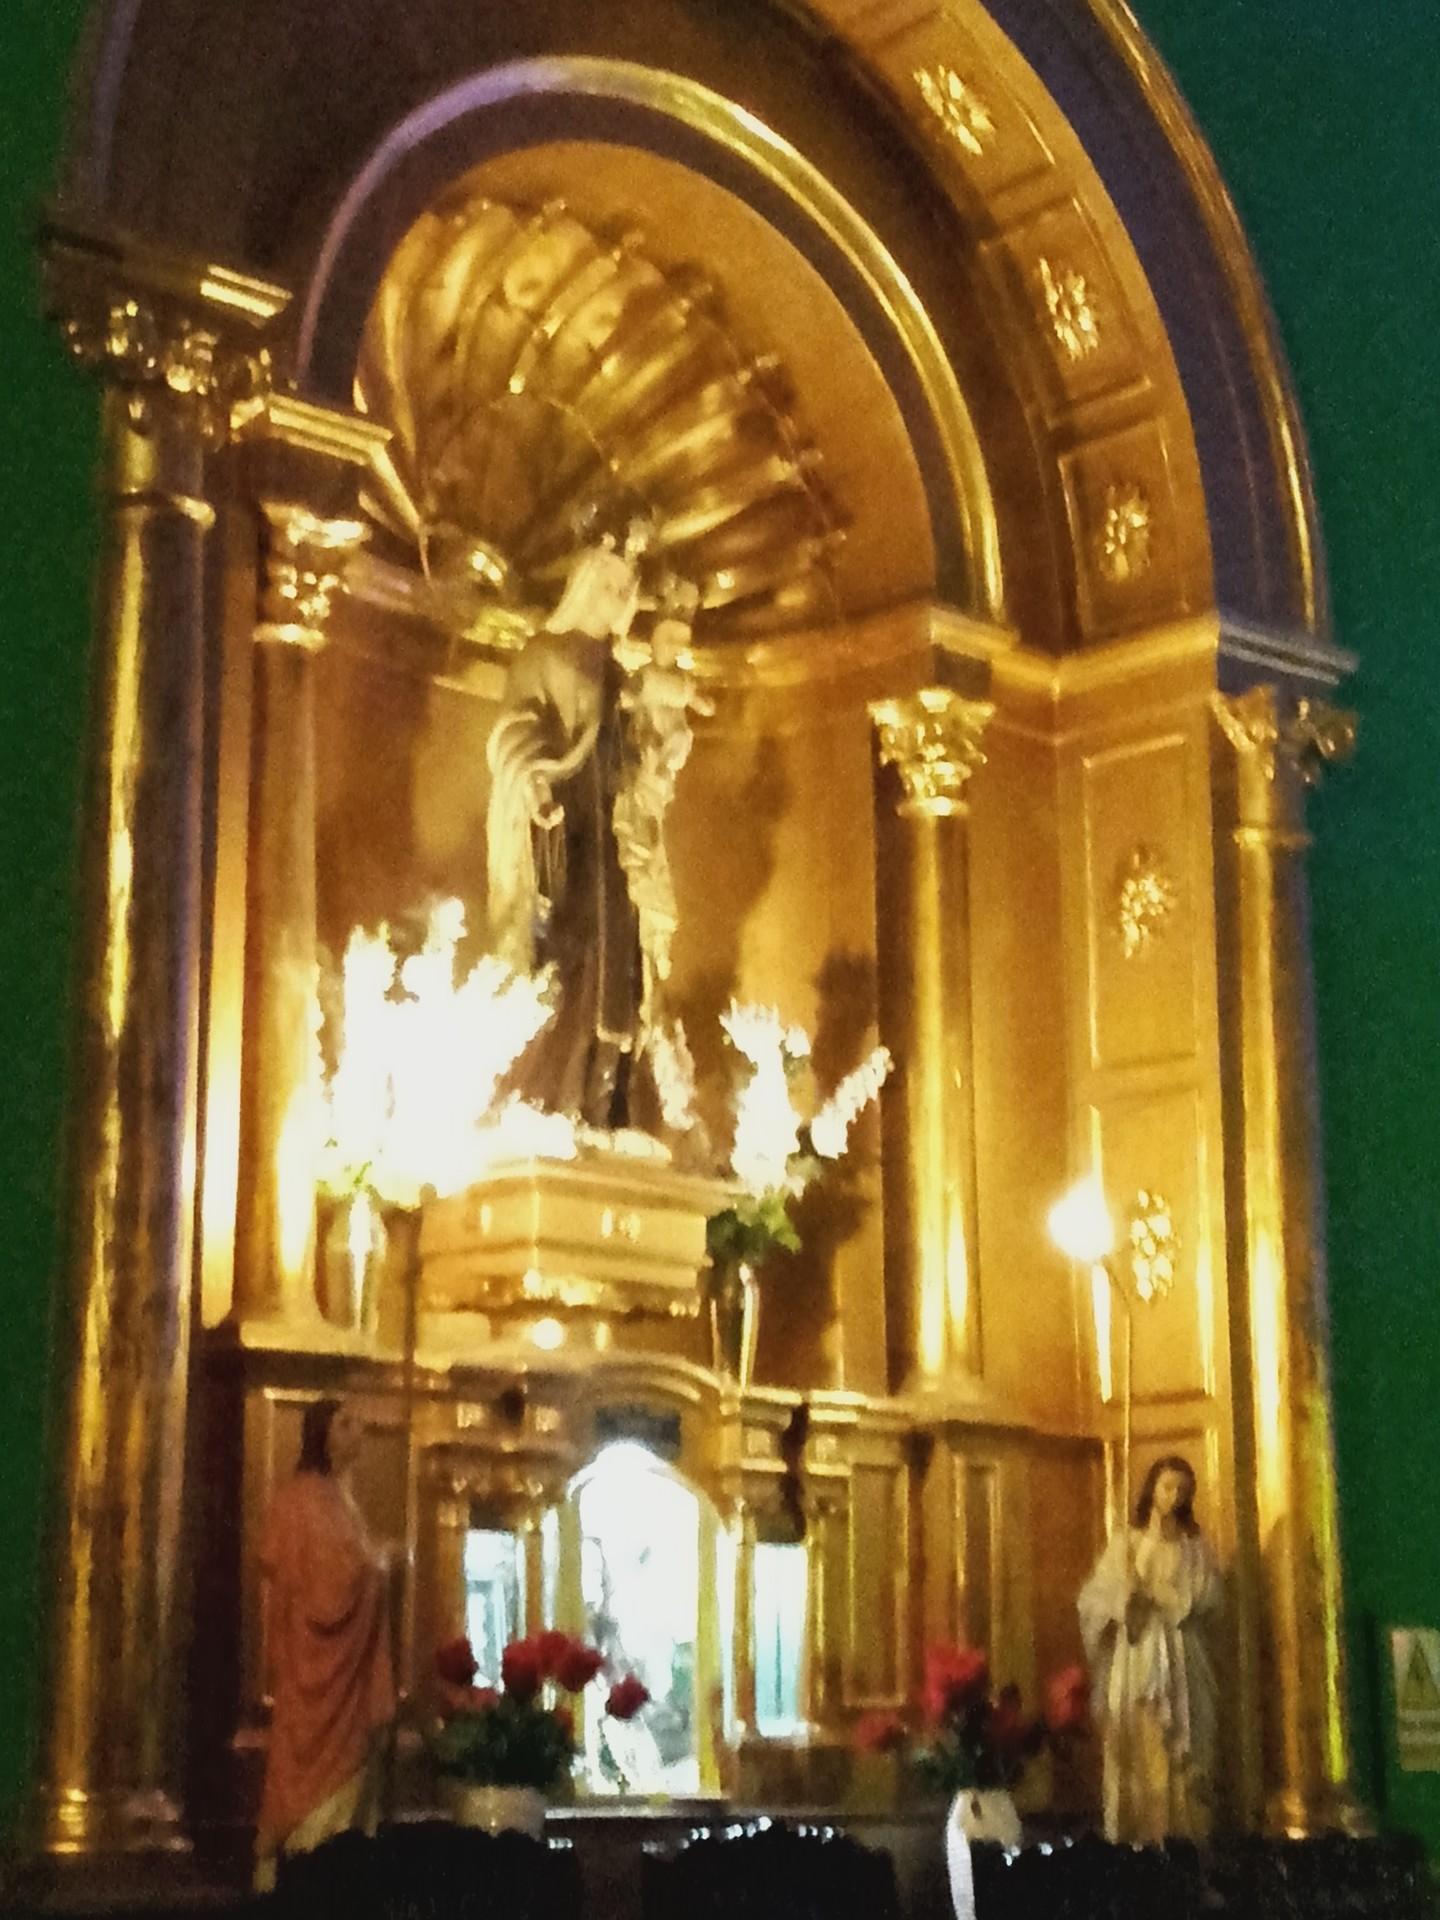 la-capilla-astilla-cruz-jesus-5adac5d6d0